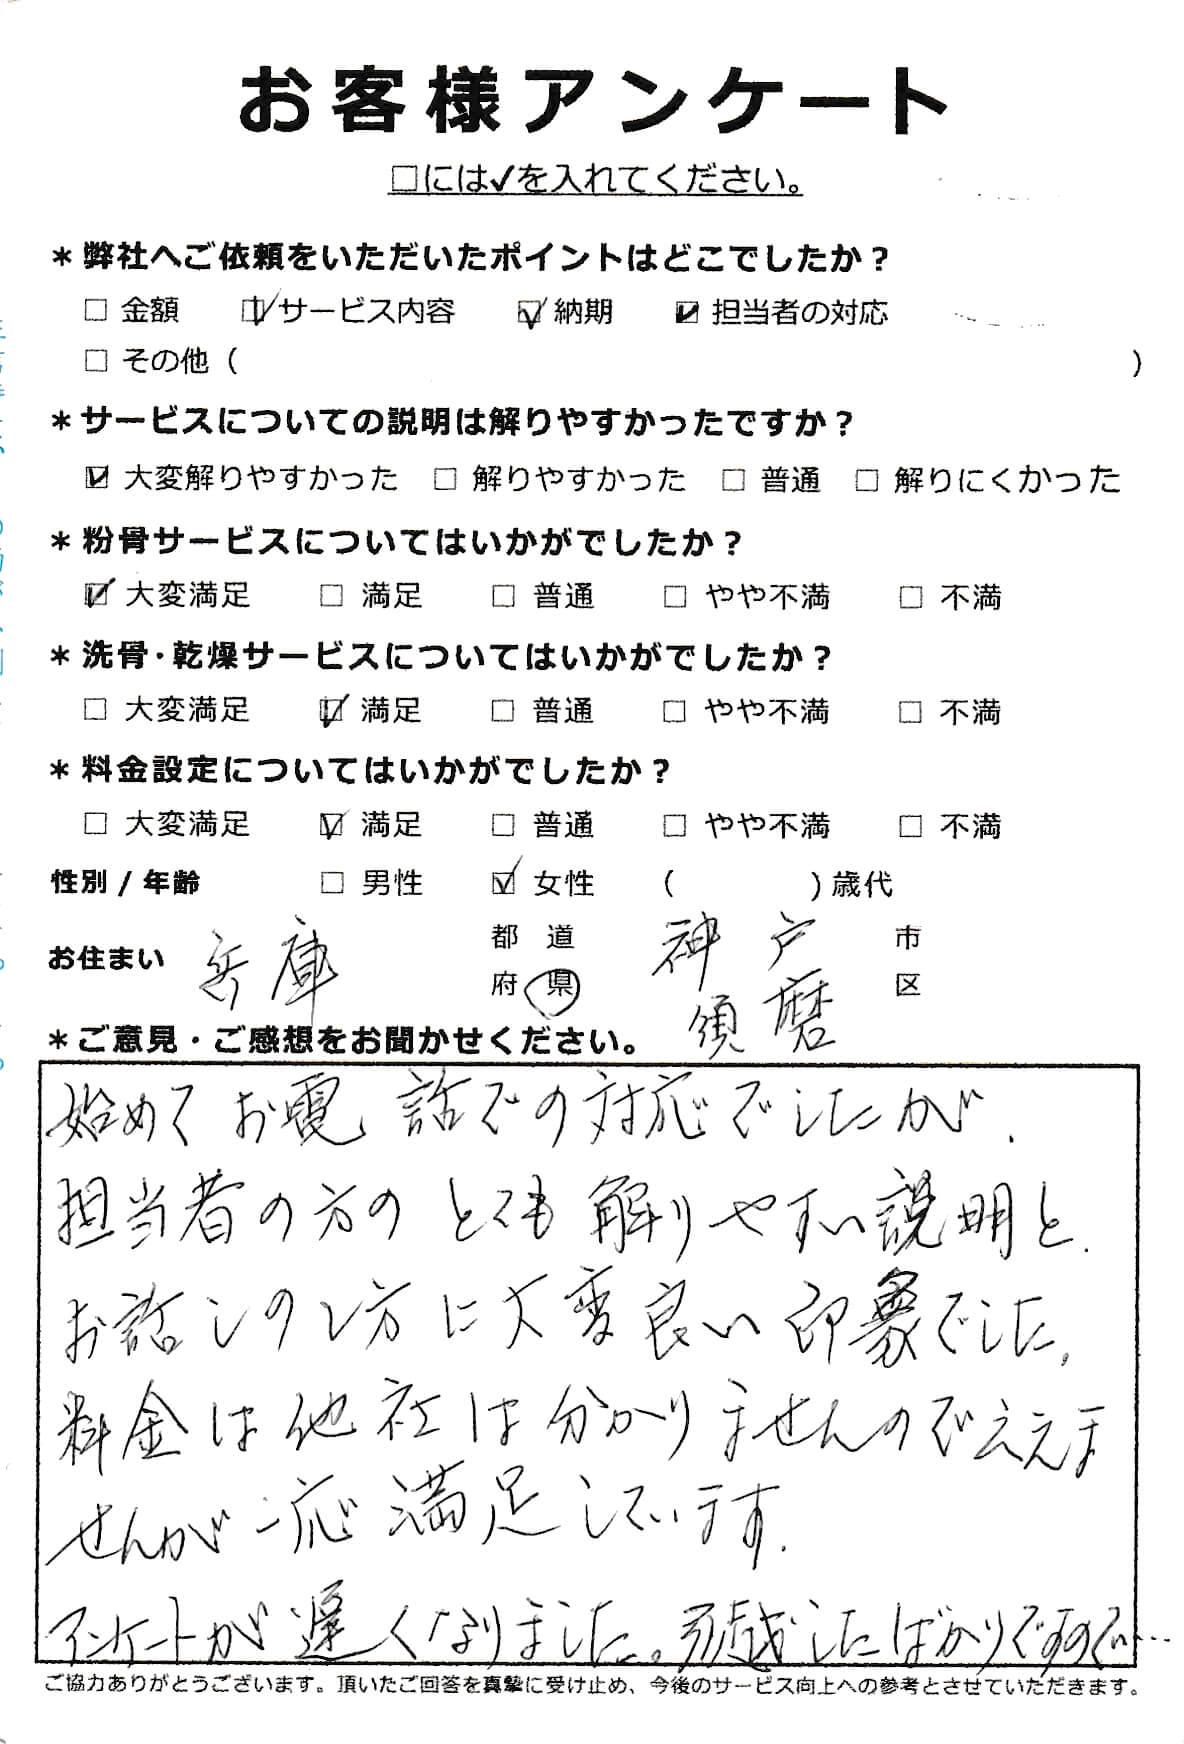 兵庫県神戸市須磨区での粉骨・散骨サービス